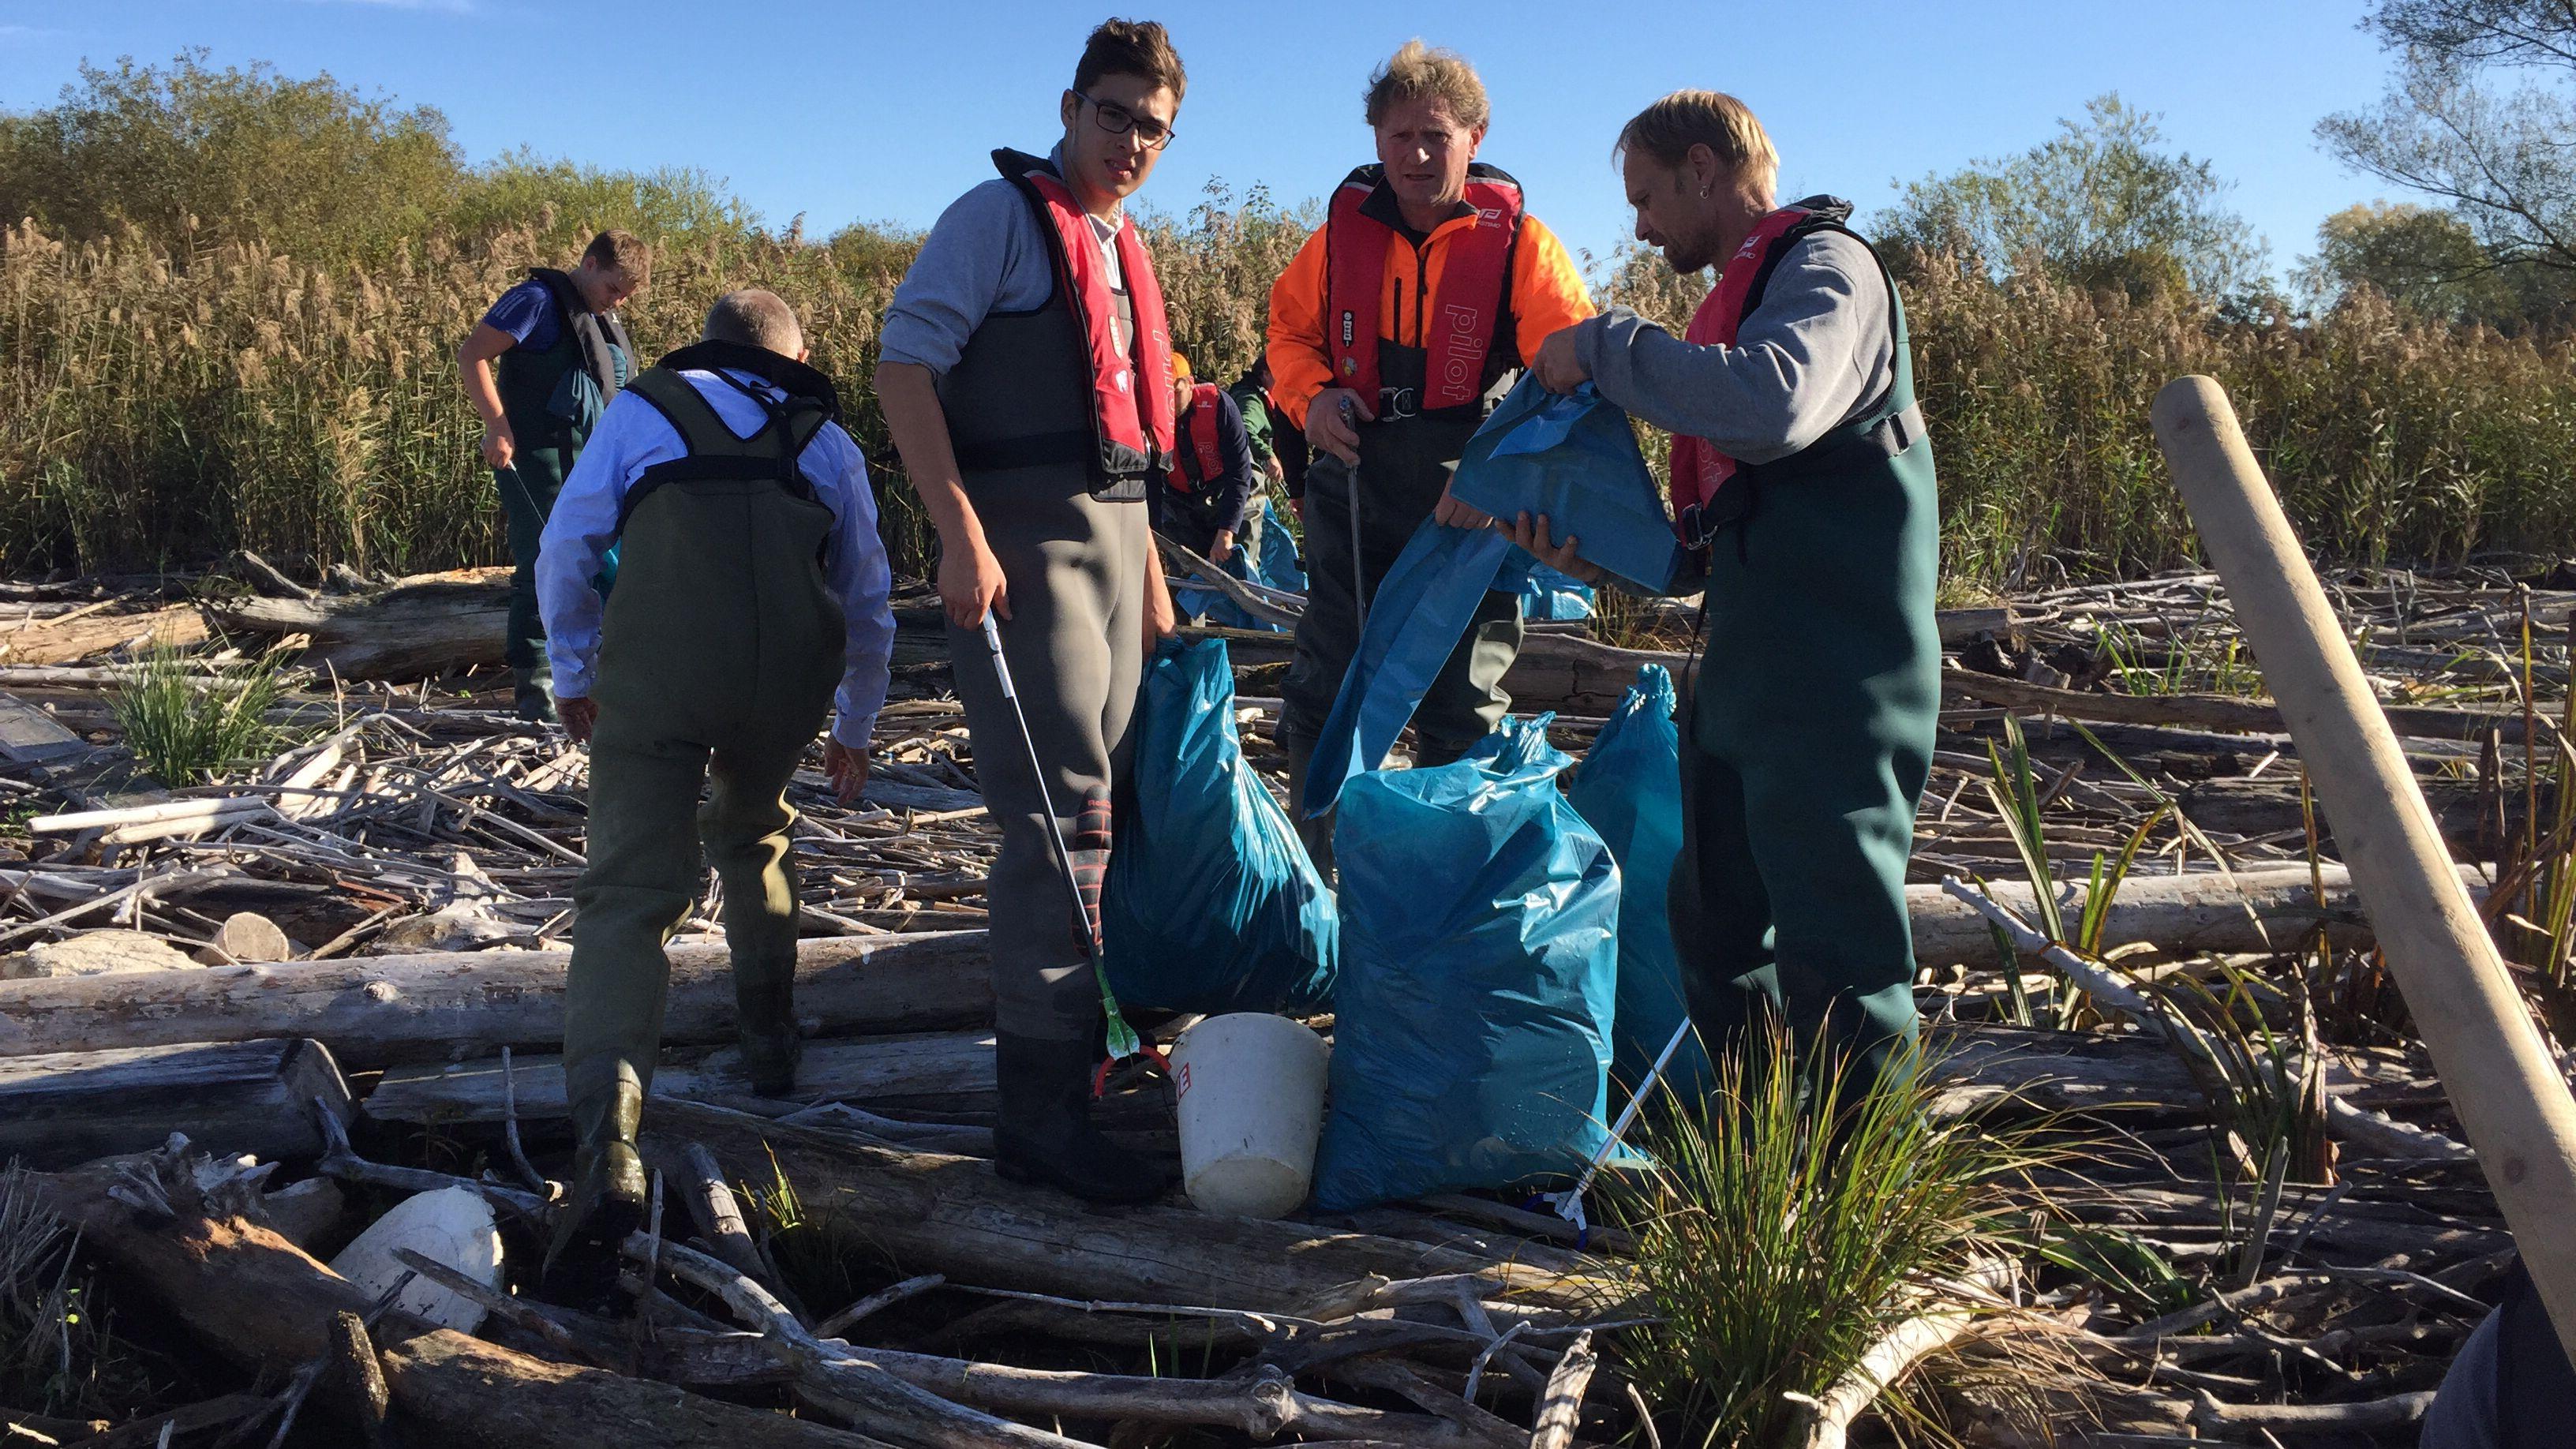 Müllsammeln in der Hirschauer Bucht am Chiemsee